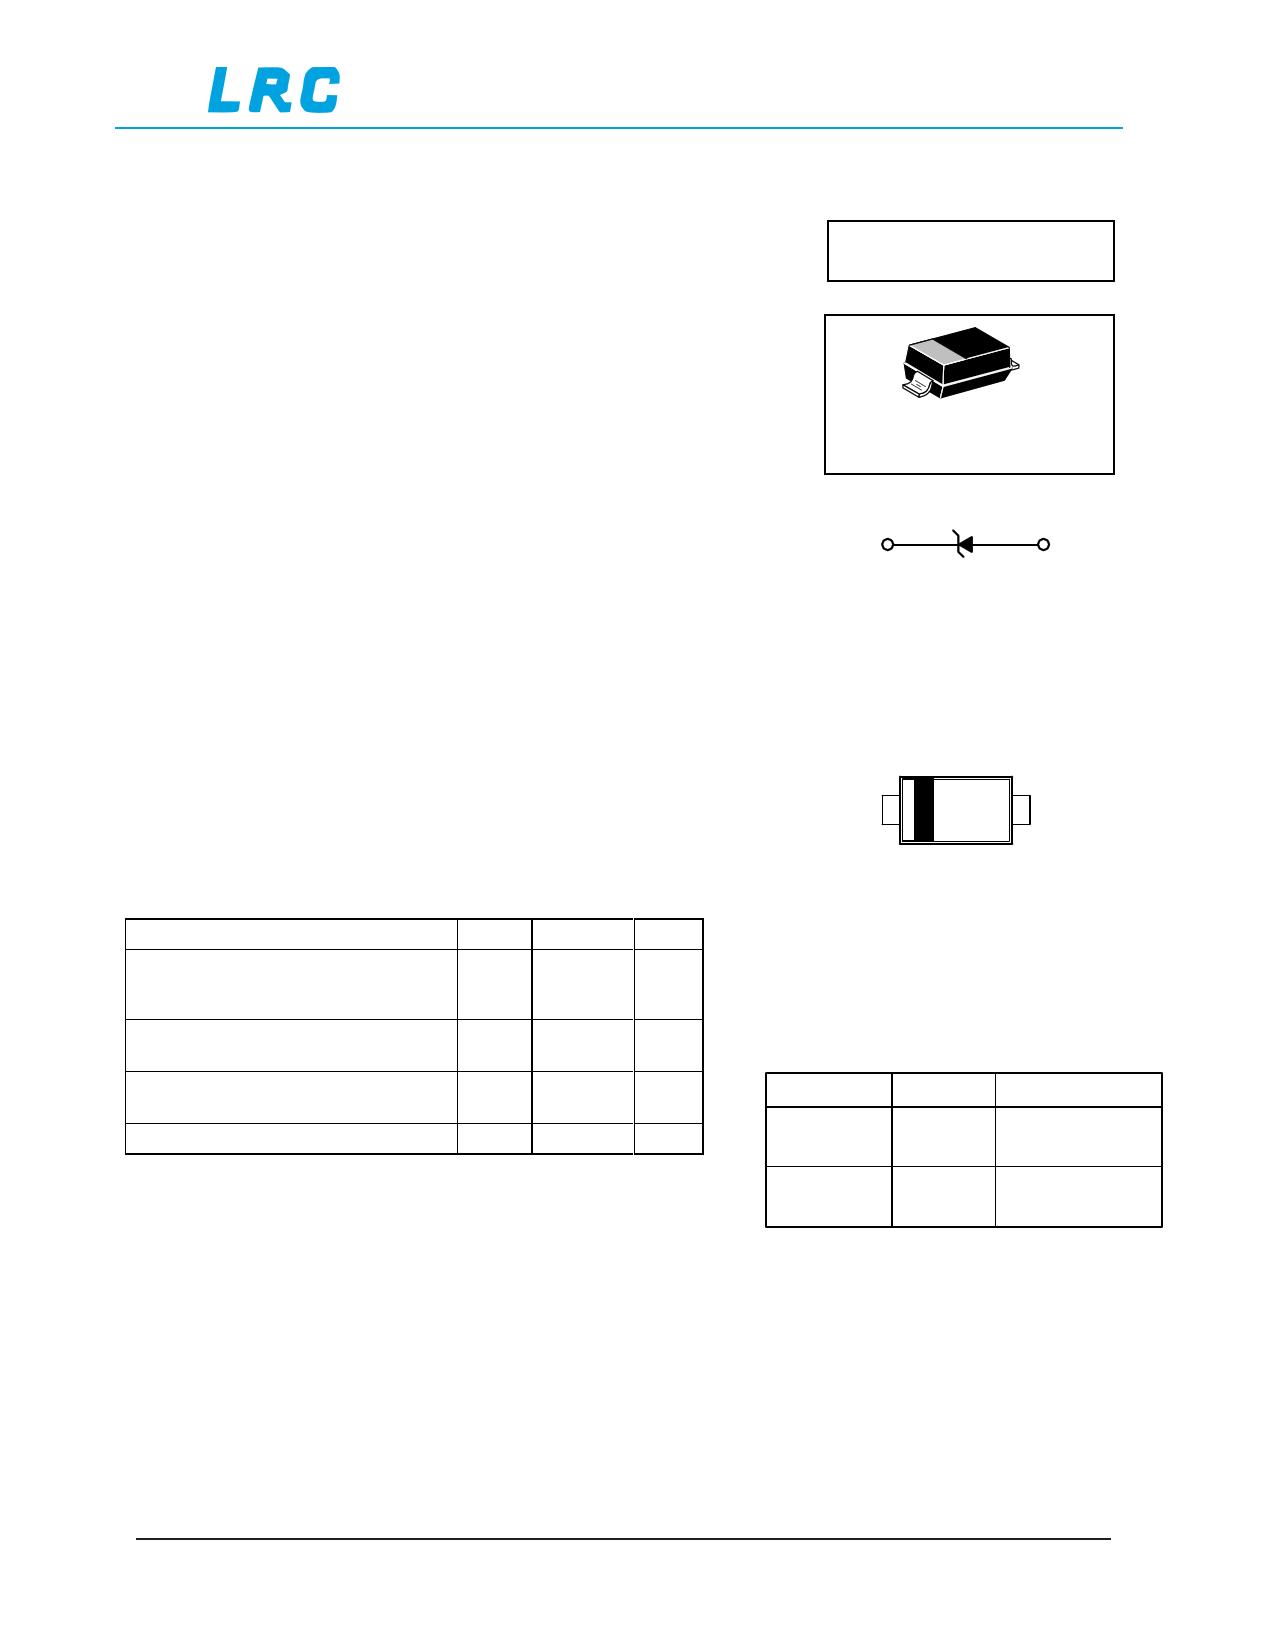 LMSZ4678T1G datasheet, circuit